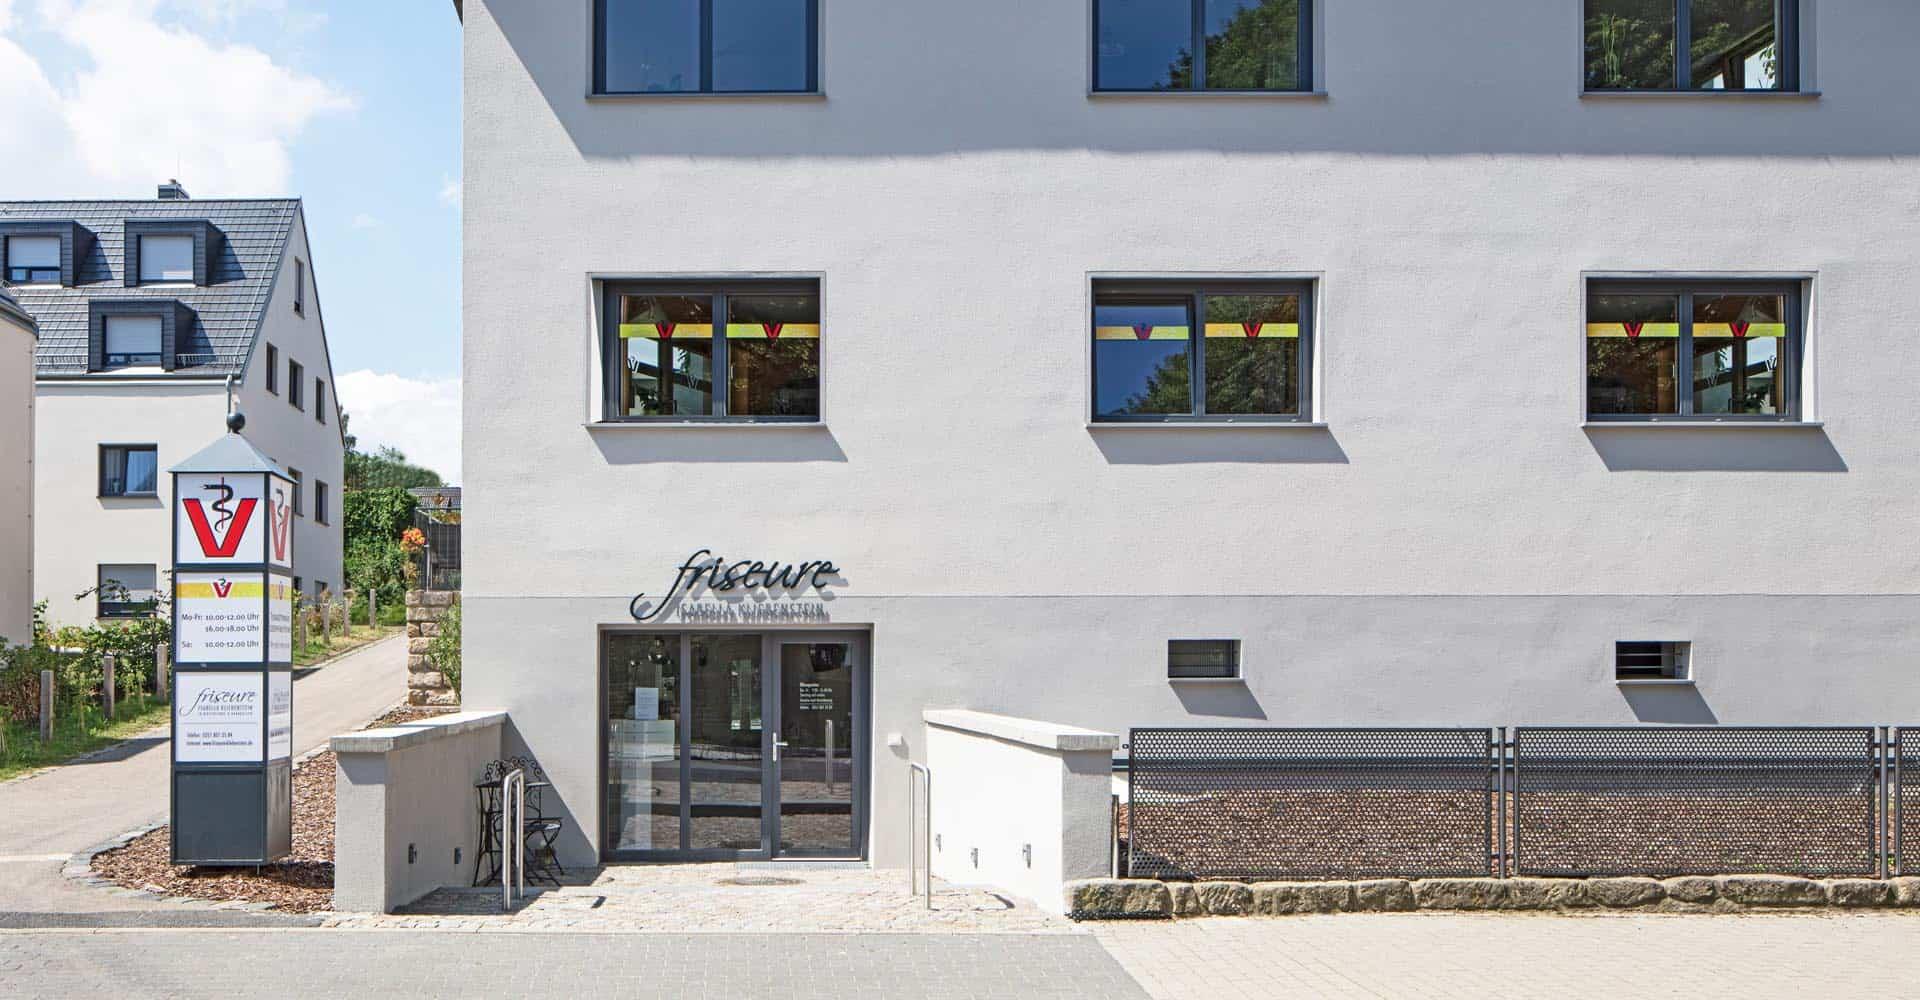 Friseursalon, Kliebenstein, Räume, 38 qm, Dresden, Altfranken, Haare, Architektur, Innenausbau, Maler, Boden, Fliese, Trockenbau